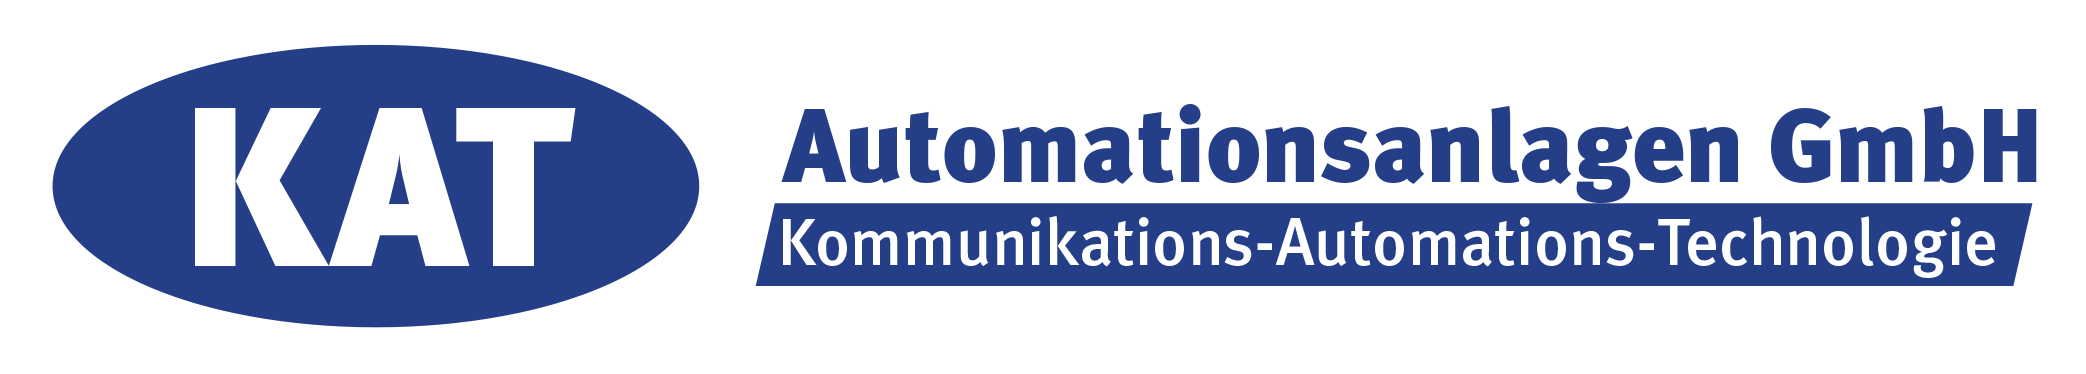 KAT Automationsanlagen GmbH